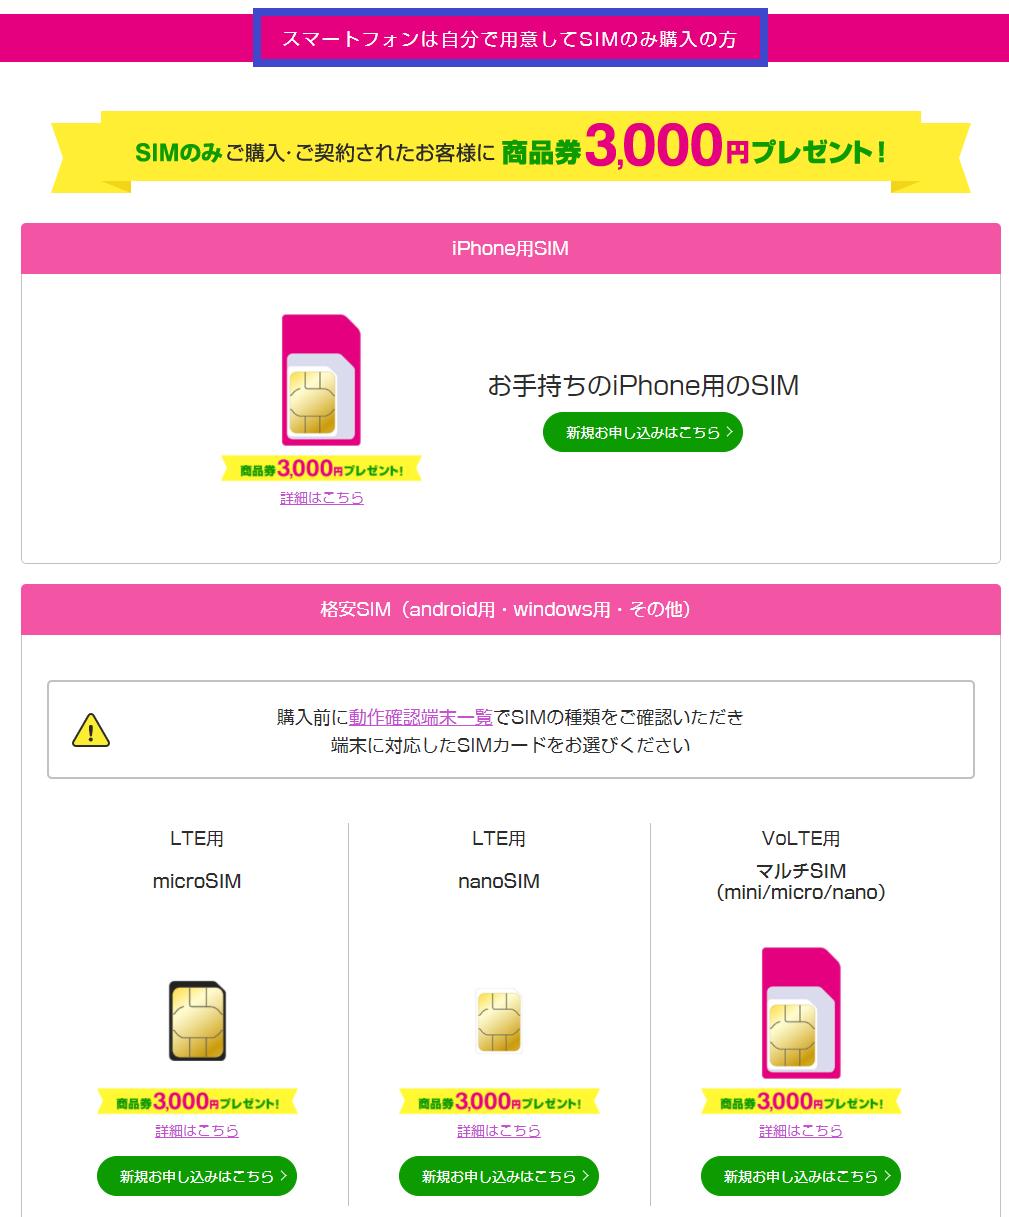 UQモバイル口座振替でSIMカードだけ購入する場合